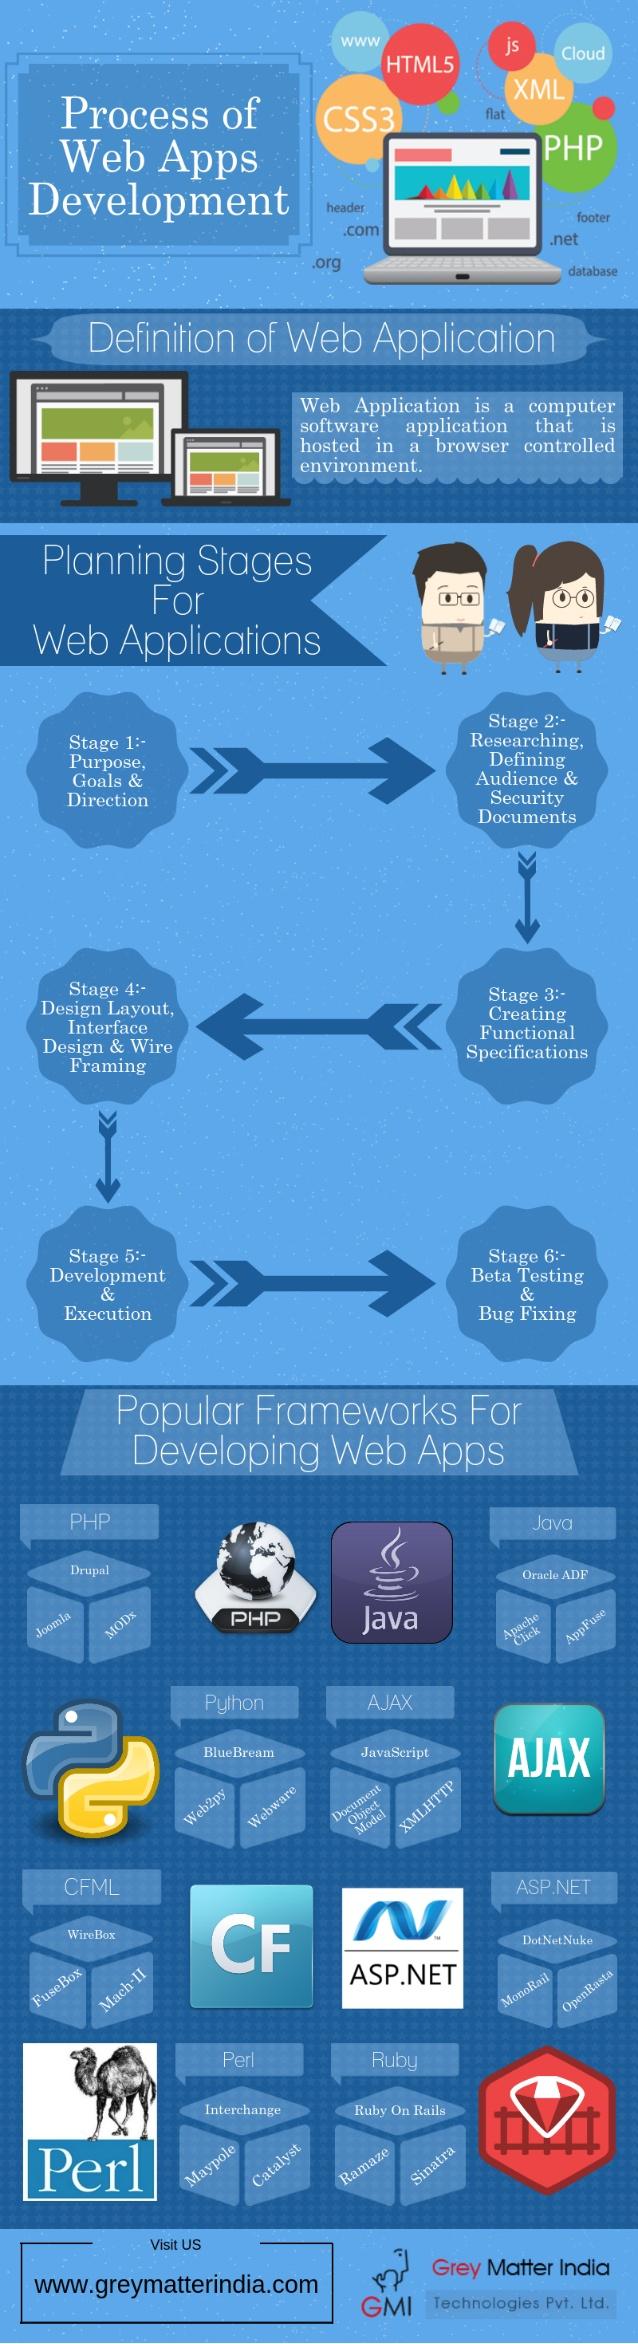 El proceso de desarrollo de APPs